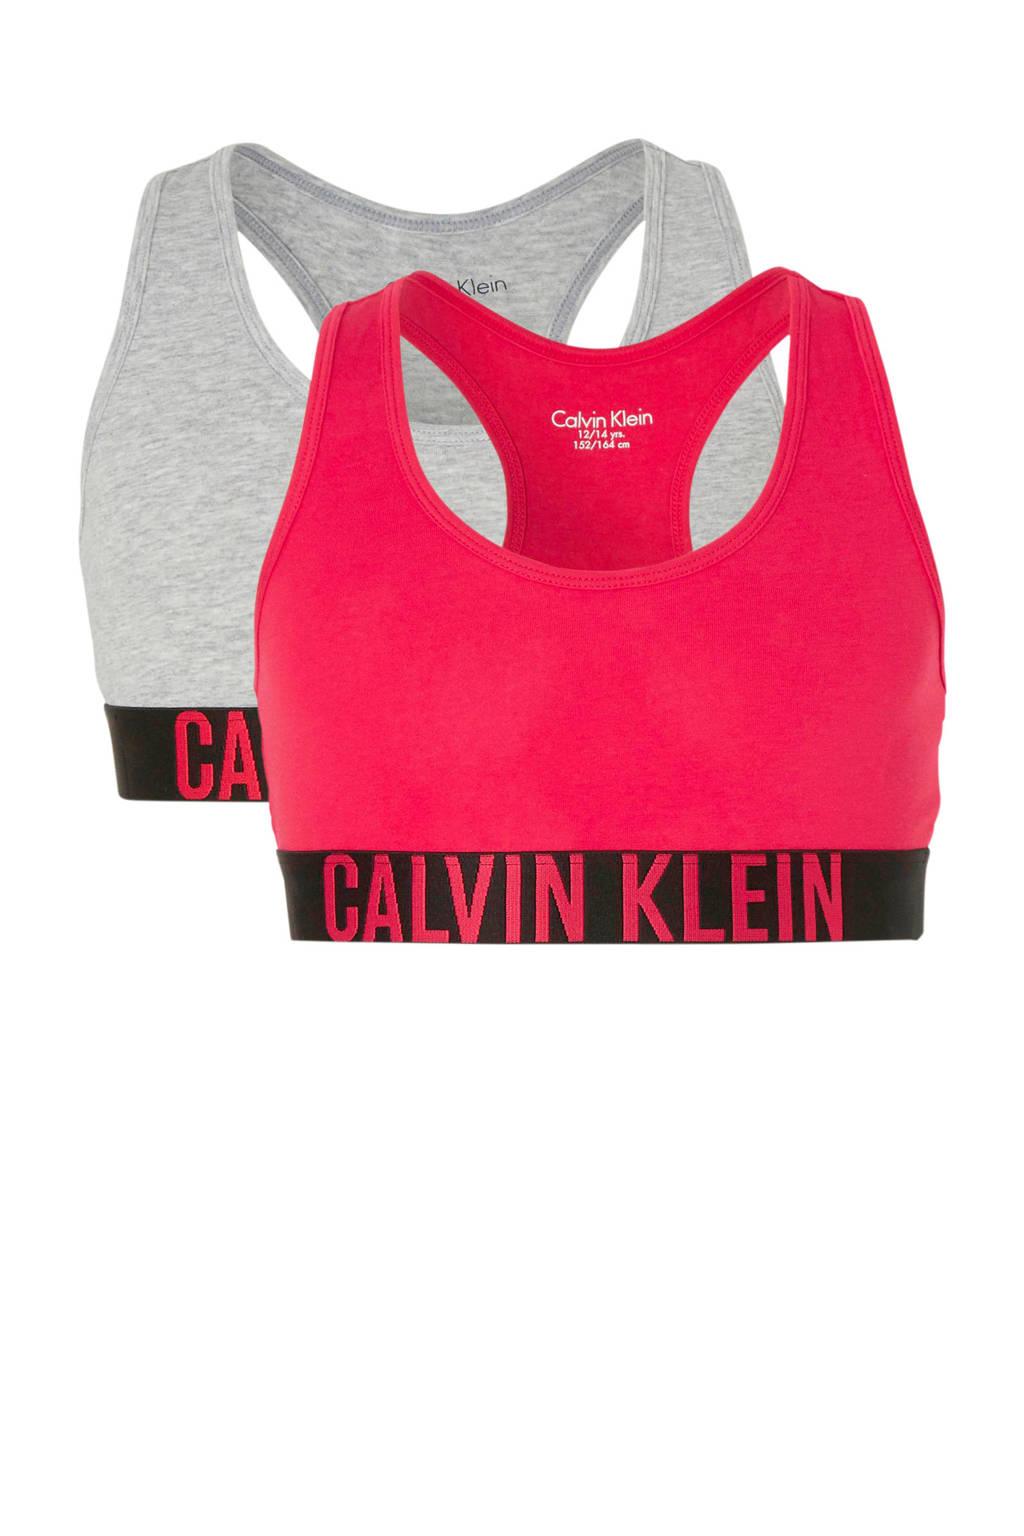 Calvin Klein Underwear bh top - set van 2 fuchsia/grijs melange, Fuchsia/grijs melange